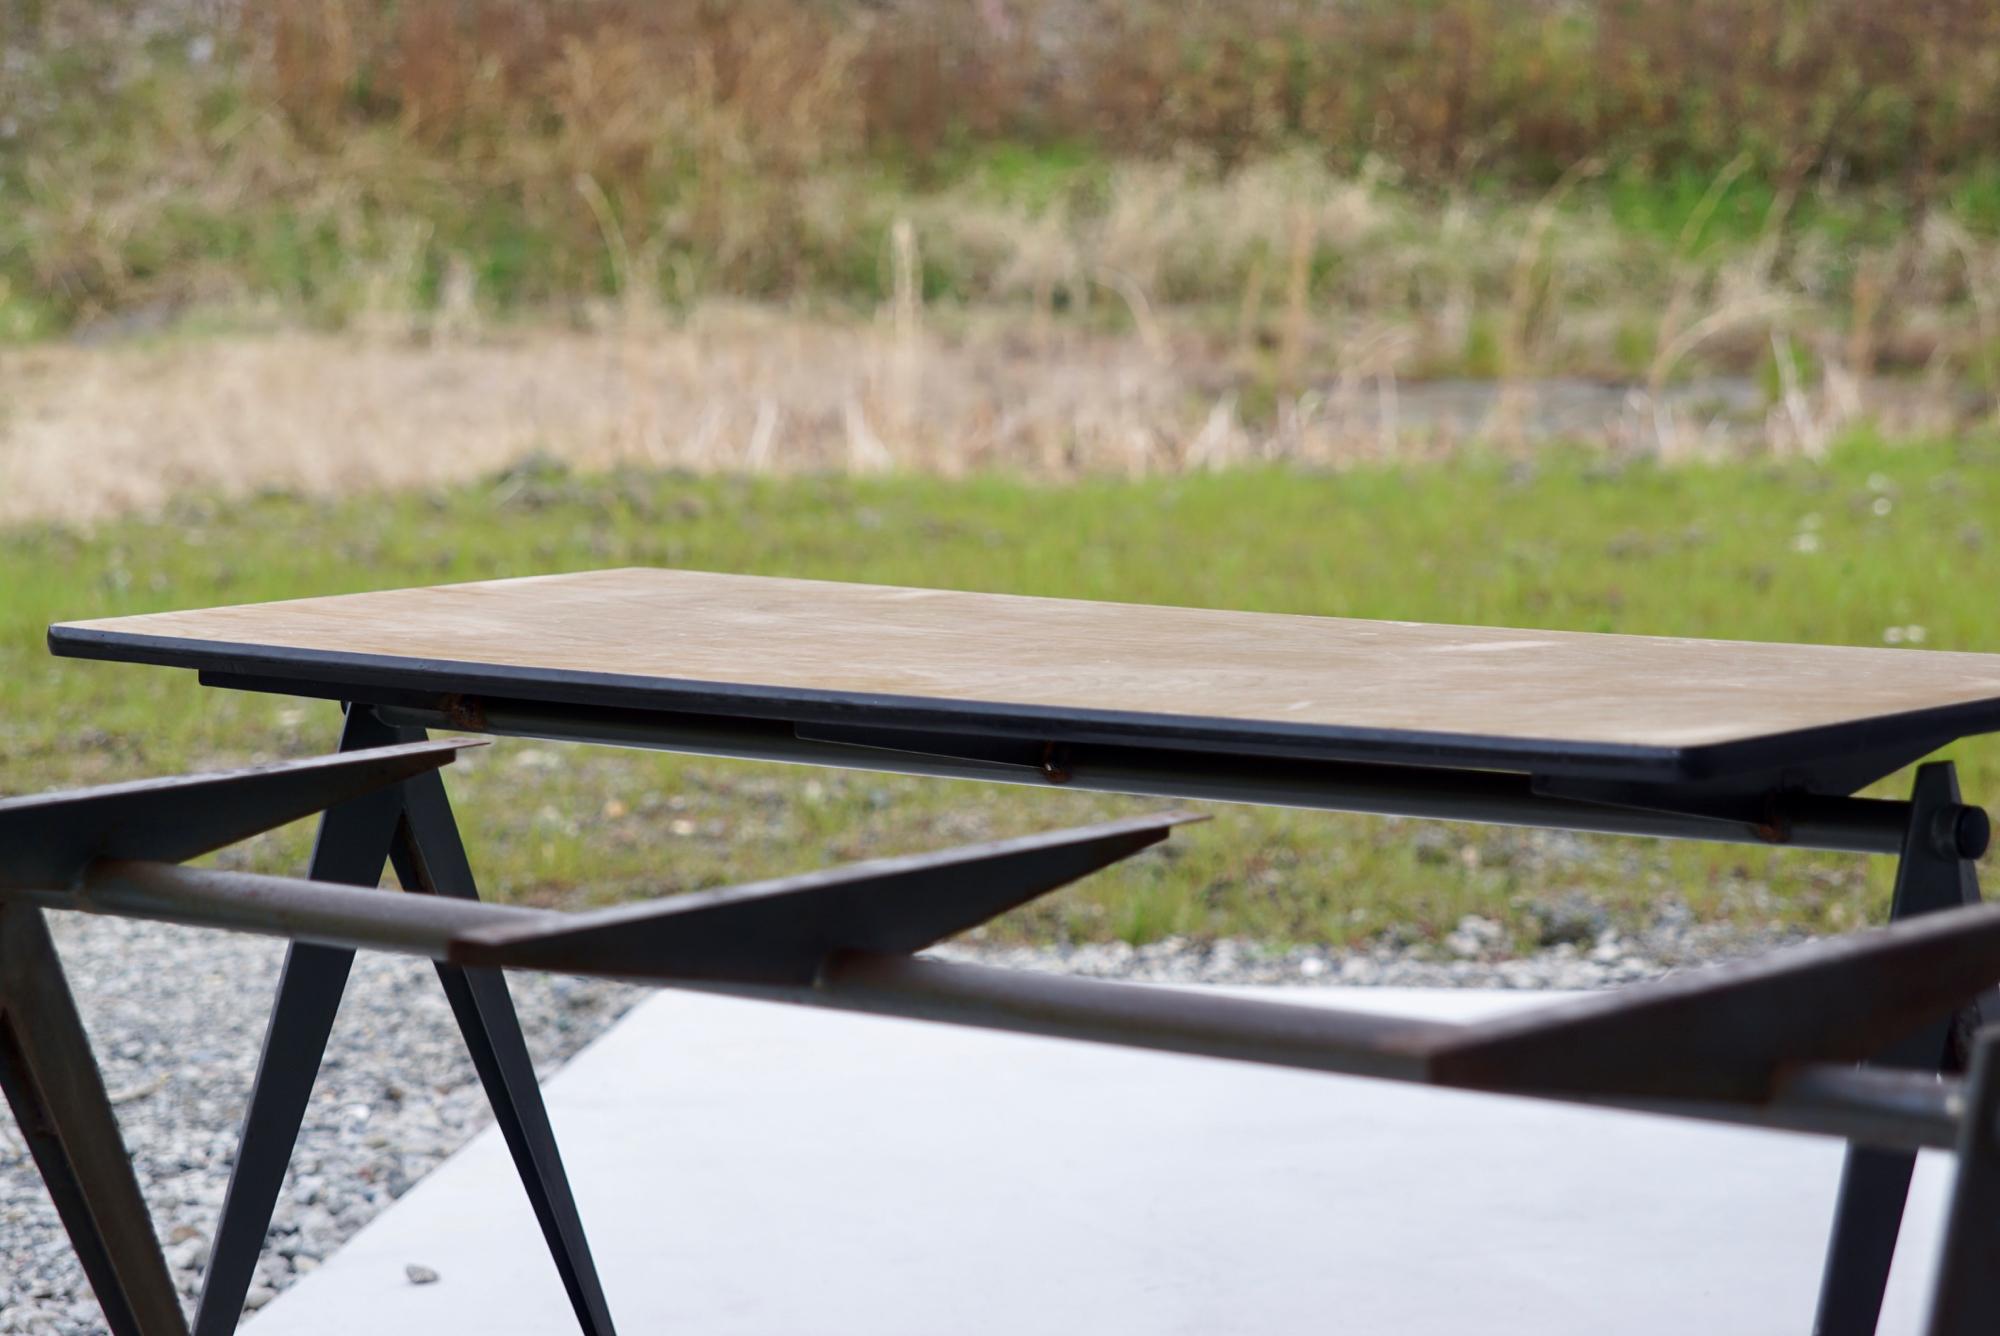 004_008A インダストリアル コンパステーブル - 40